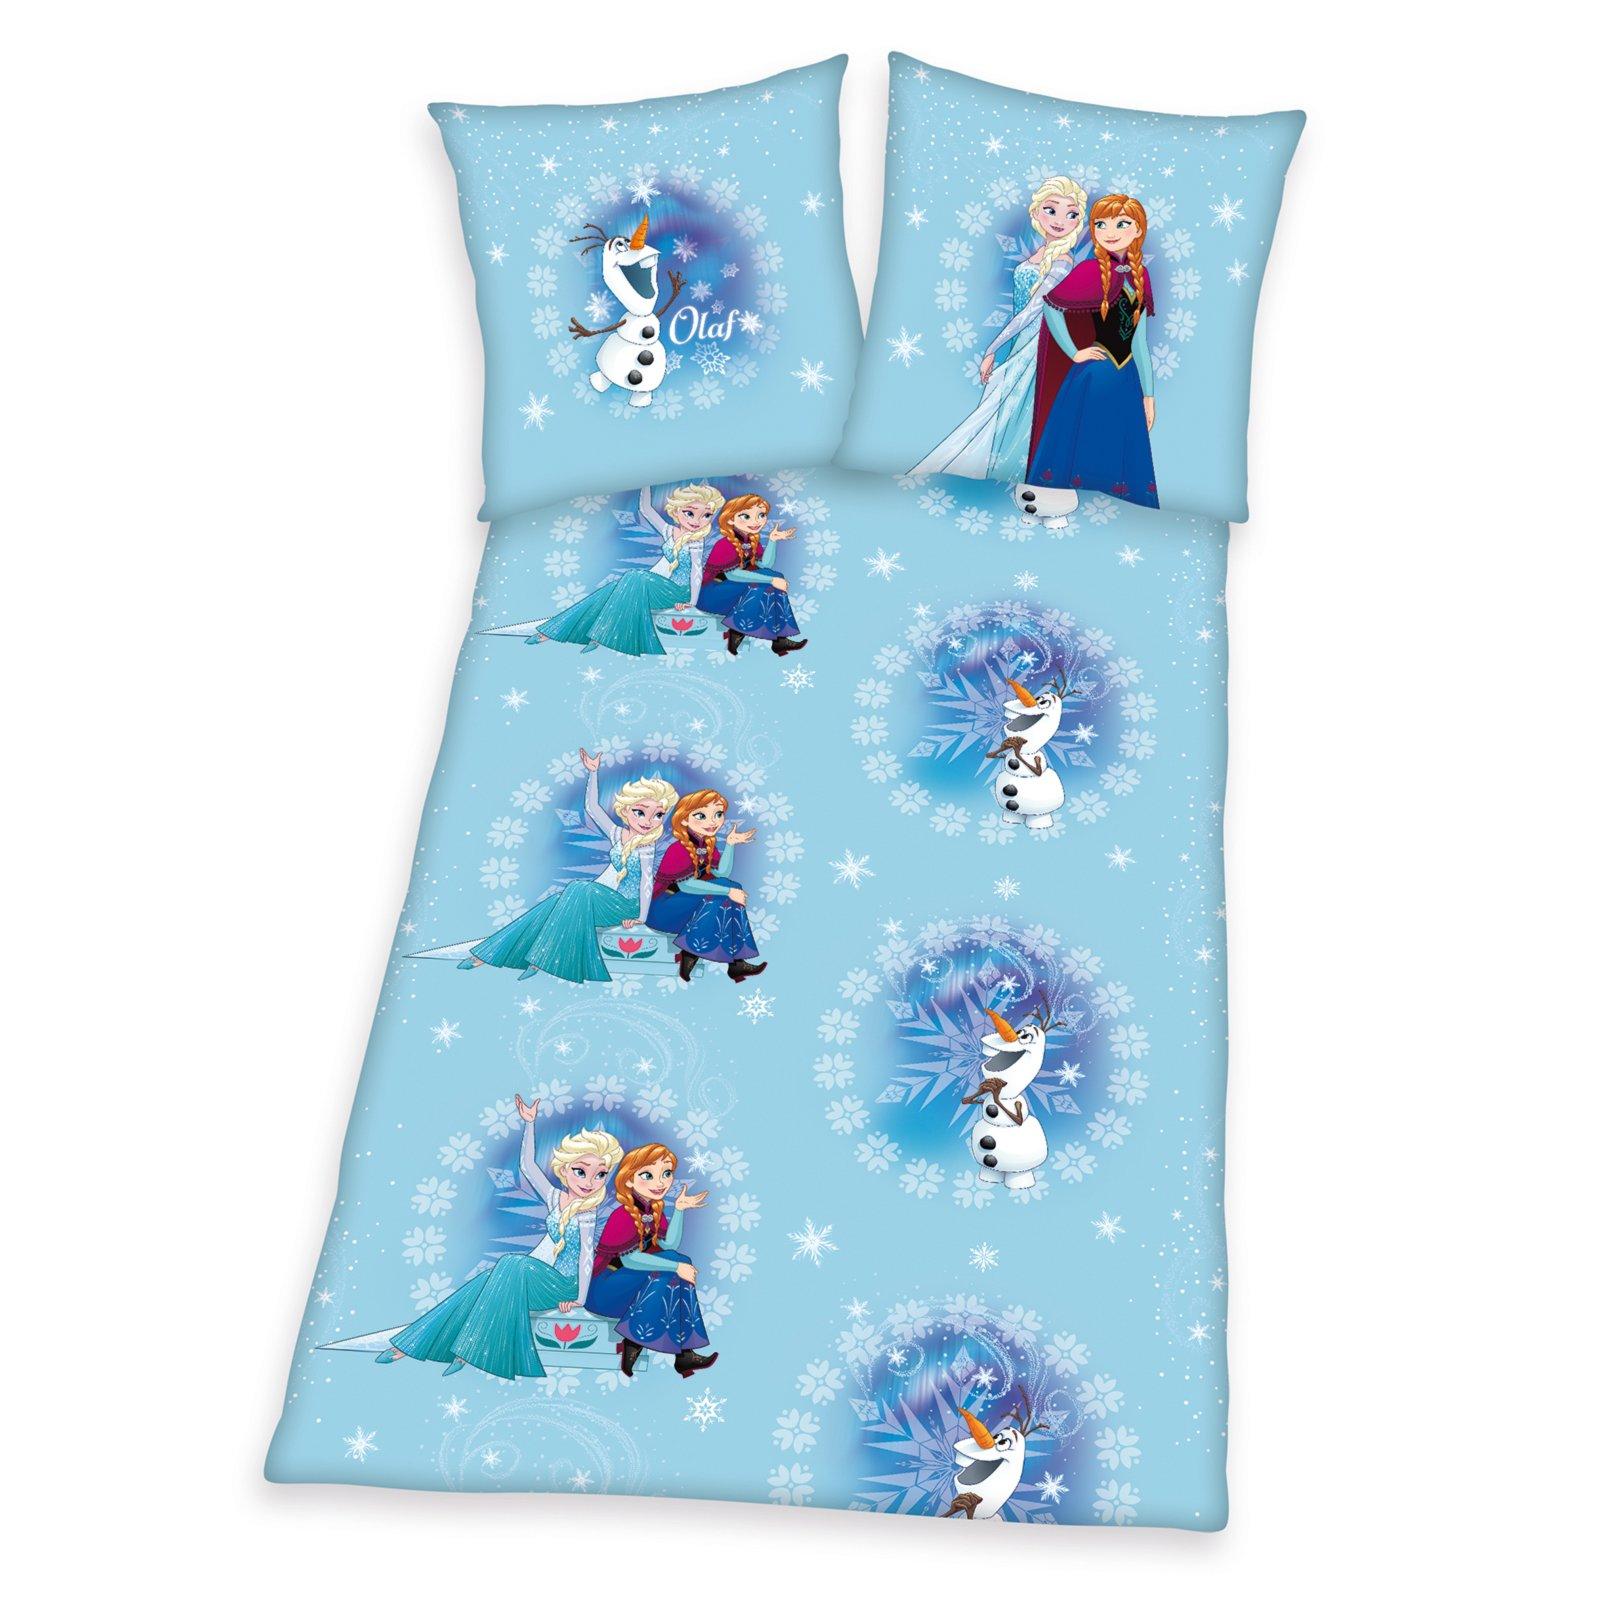 Bettwäsche Eiskönigin Eiskönigin Bettwäsche Baumwolle Schlafzimmer